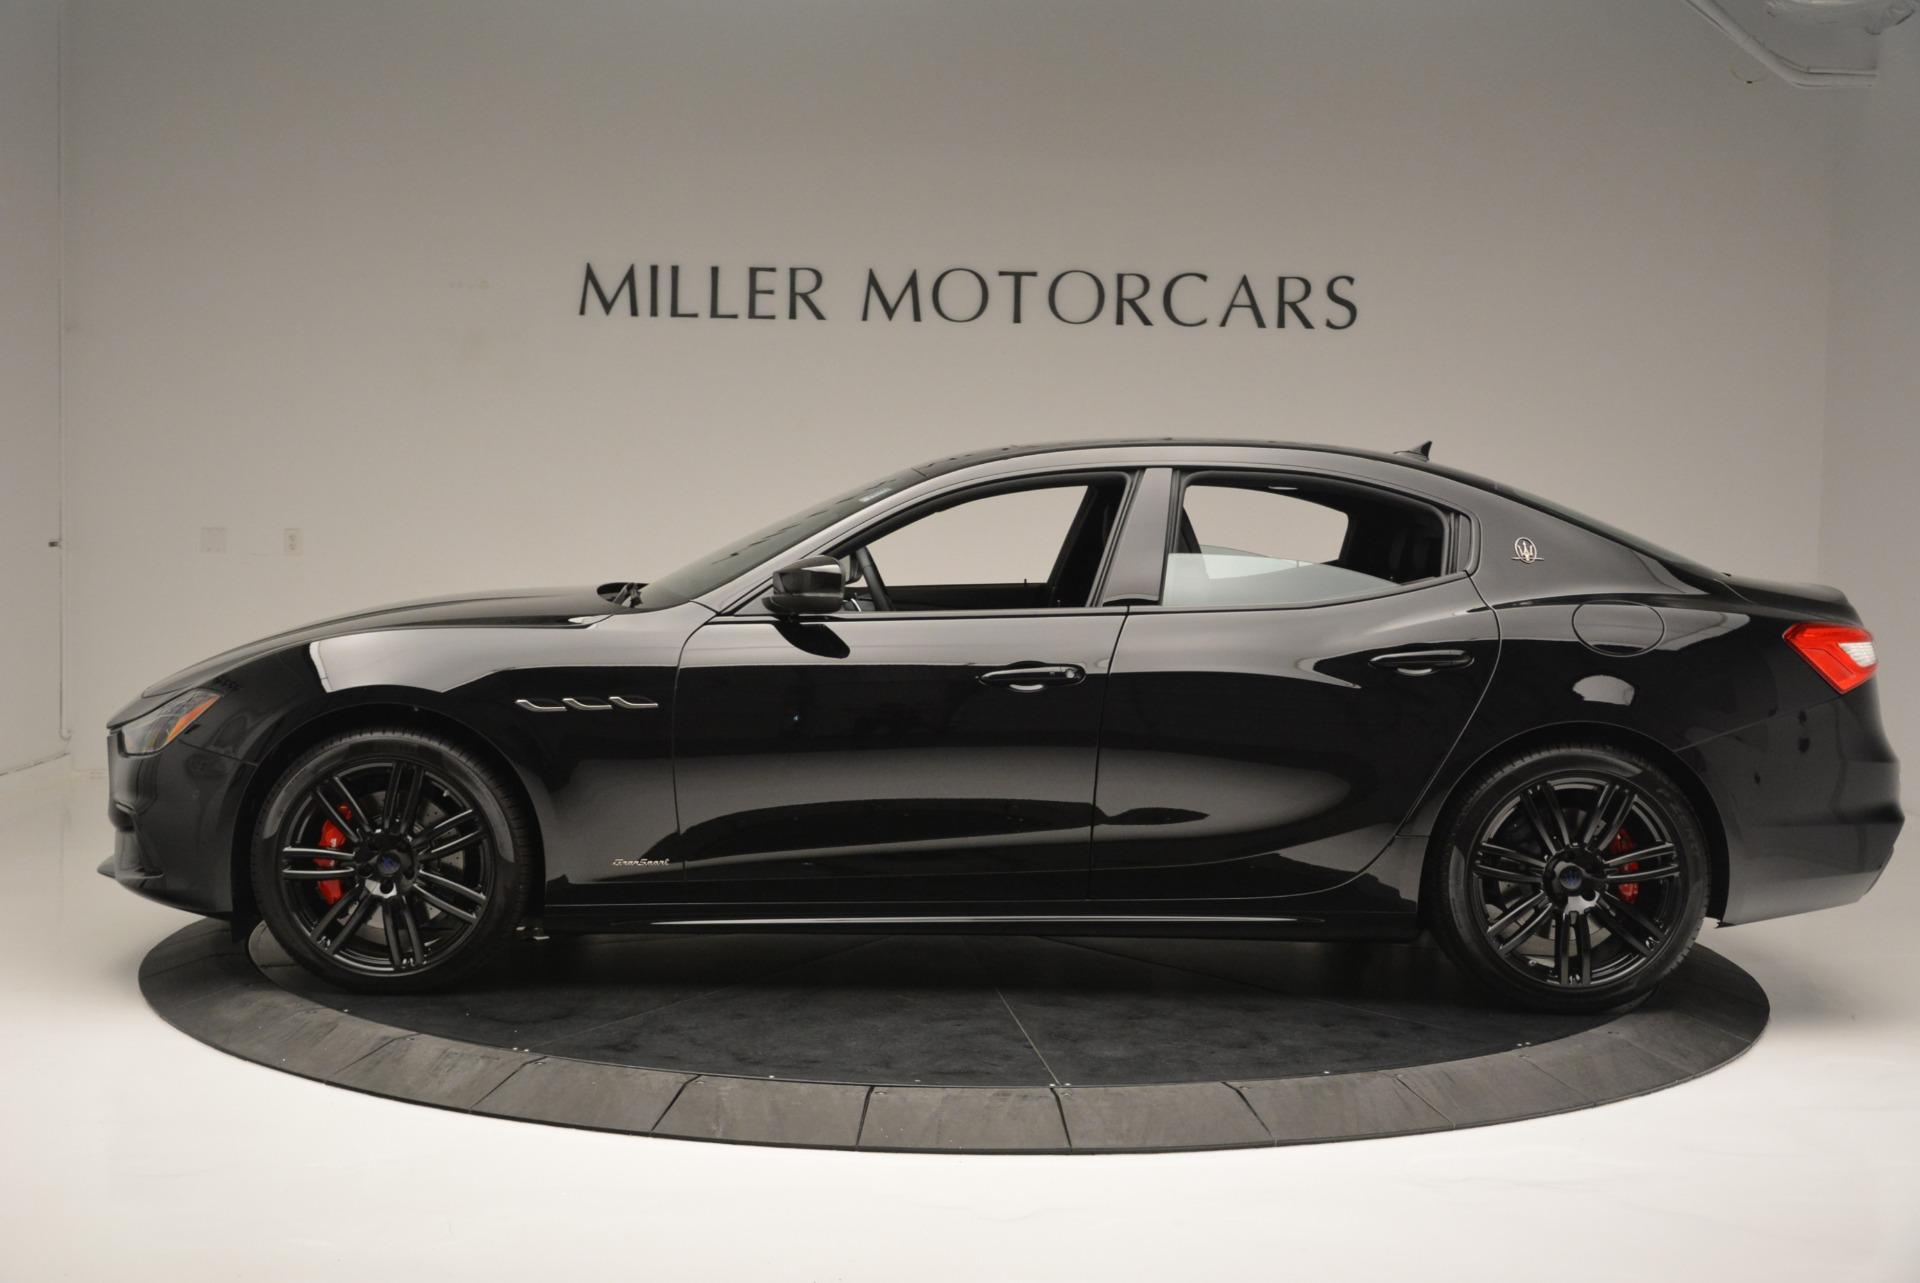 New 2018 Maserati Ghibli SQ4 GranSport Nerissimo For Sale In Greenwich, CT. Alfa Romeo of Greenwich, M2173 2368_p3